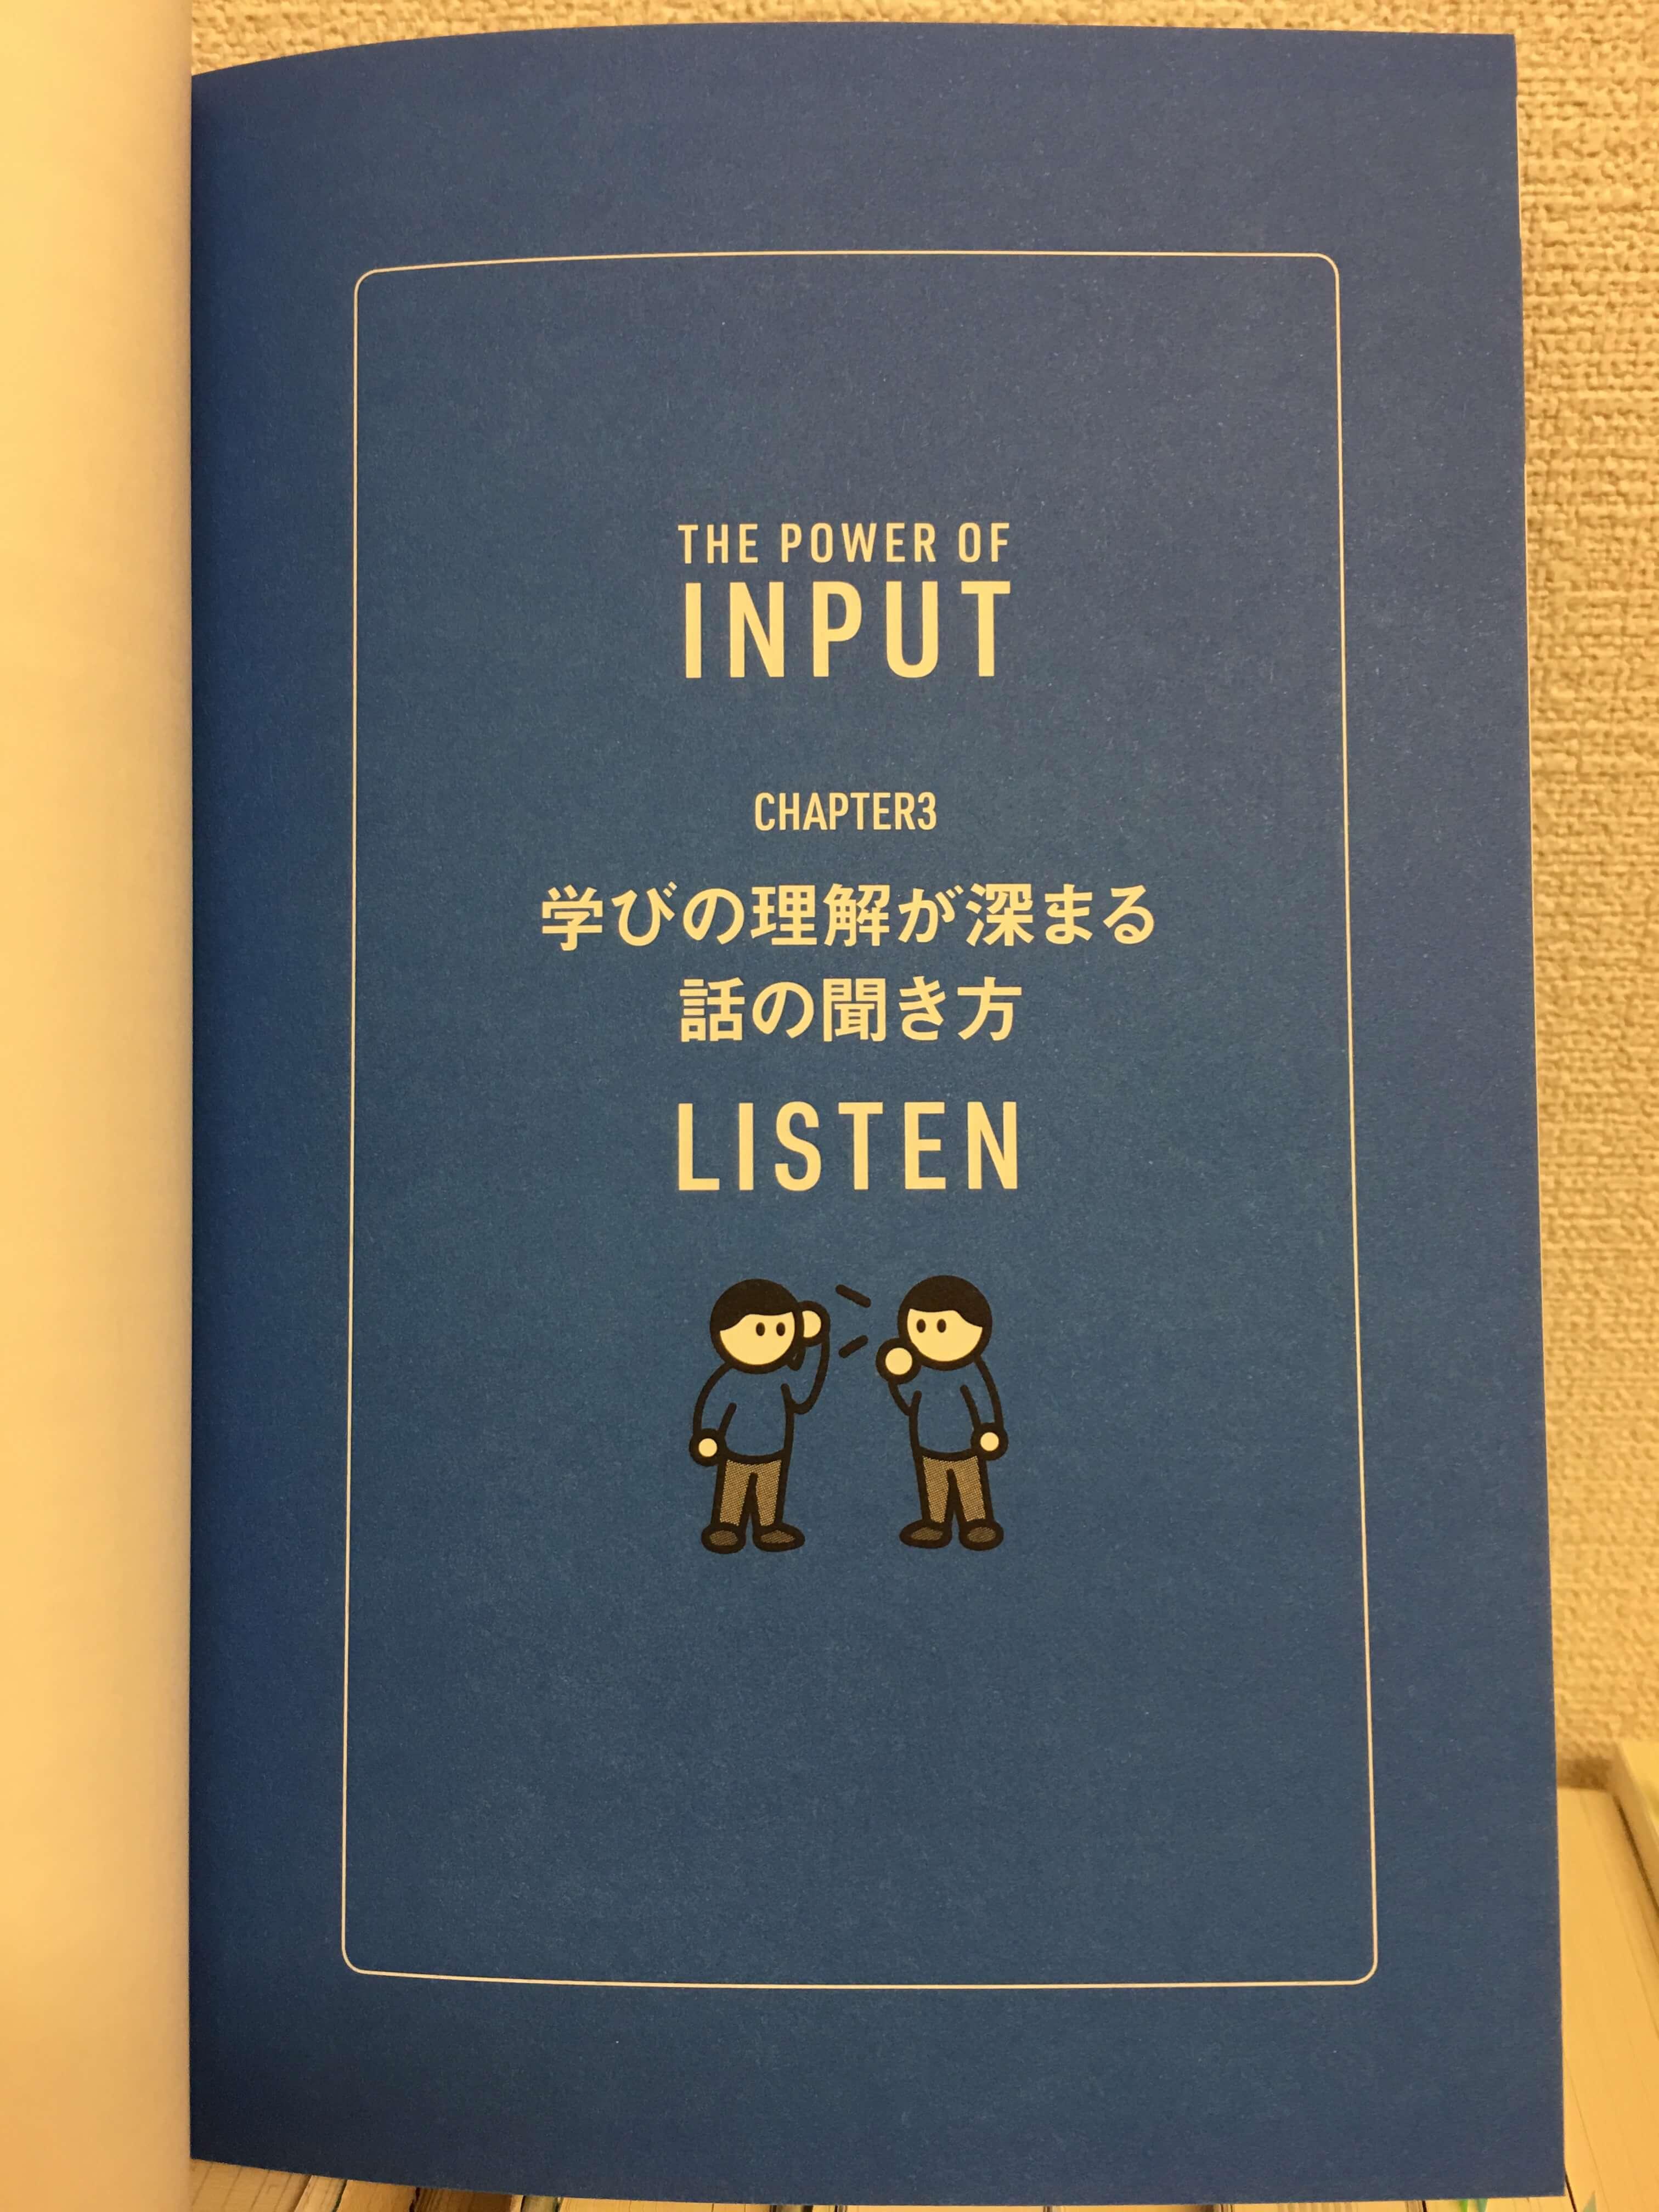 学び効率が最大化するインプット大全 第3章